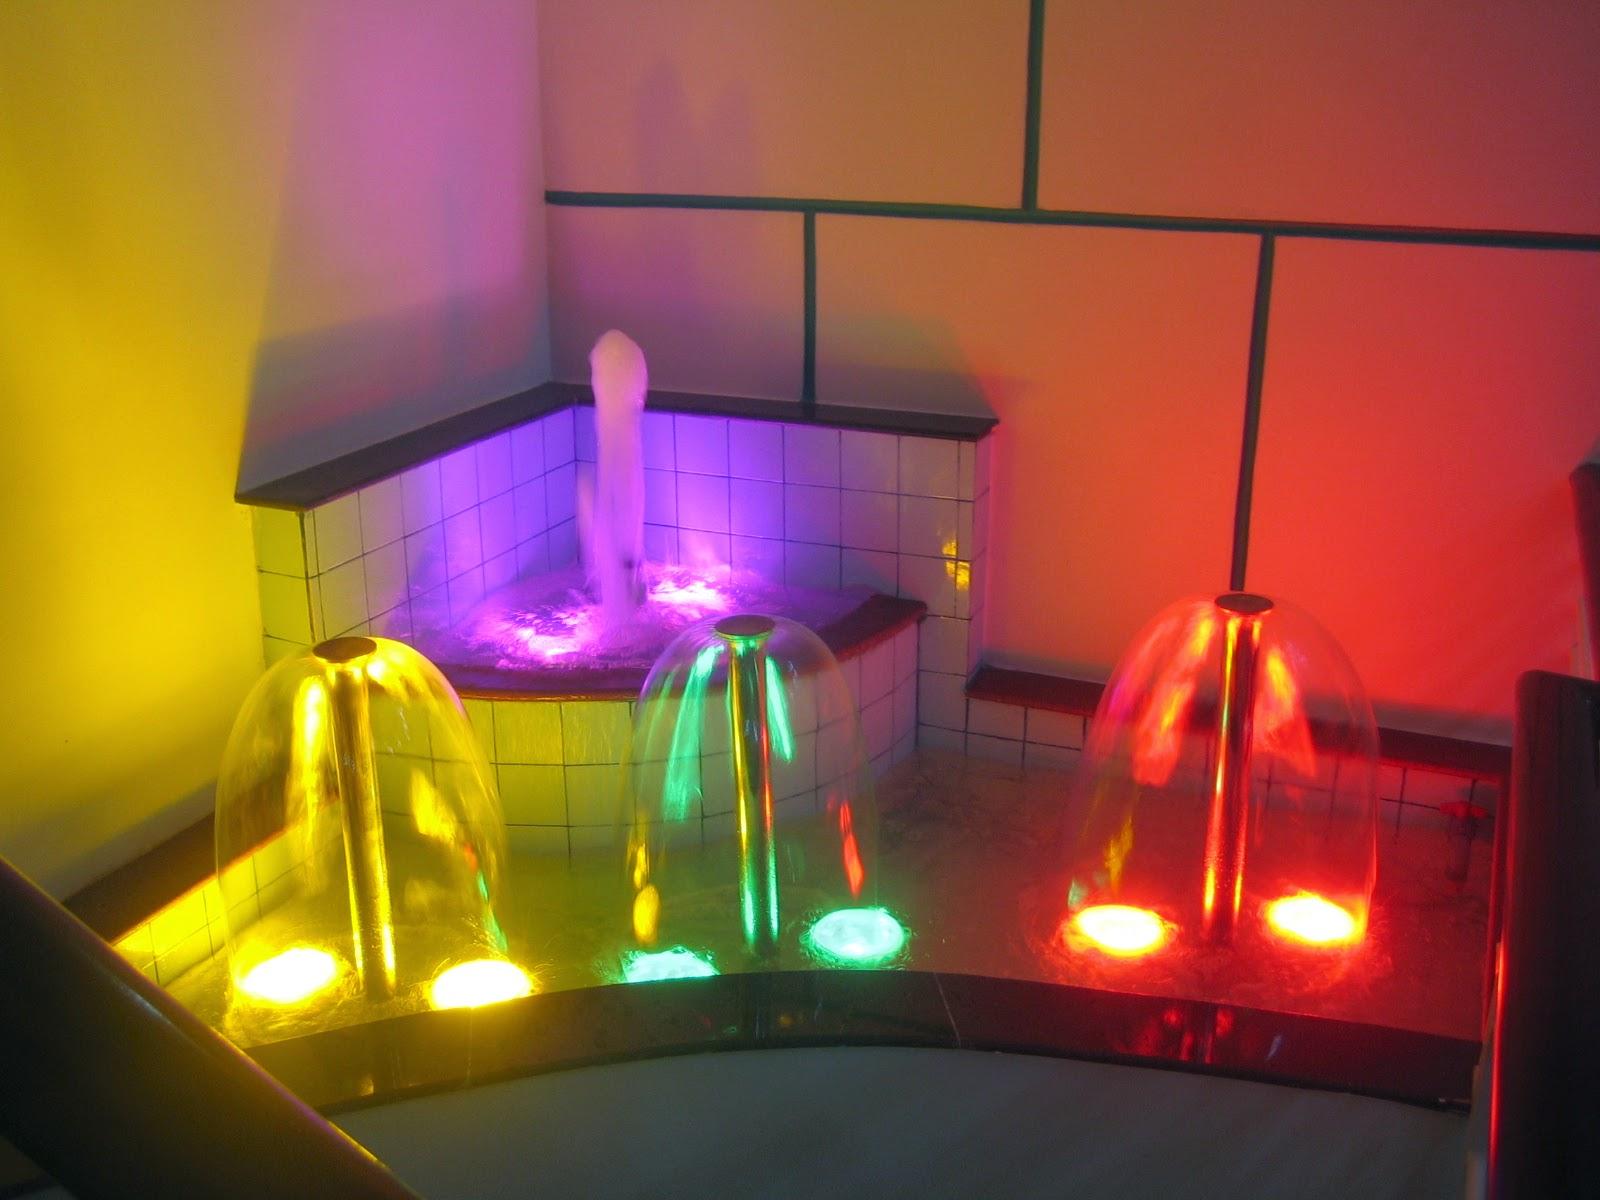 Đèn led âm nước góp phần tăng thêm vẻ đẹp của đài phun nước trong nhà.